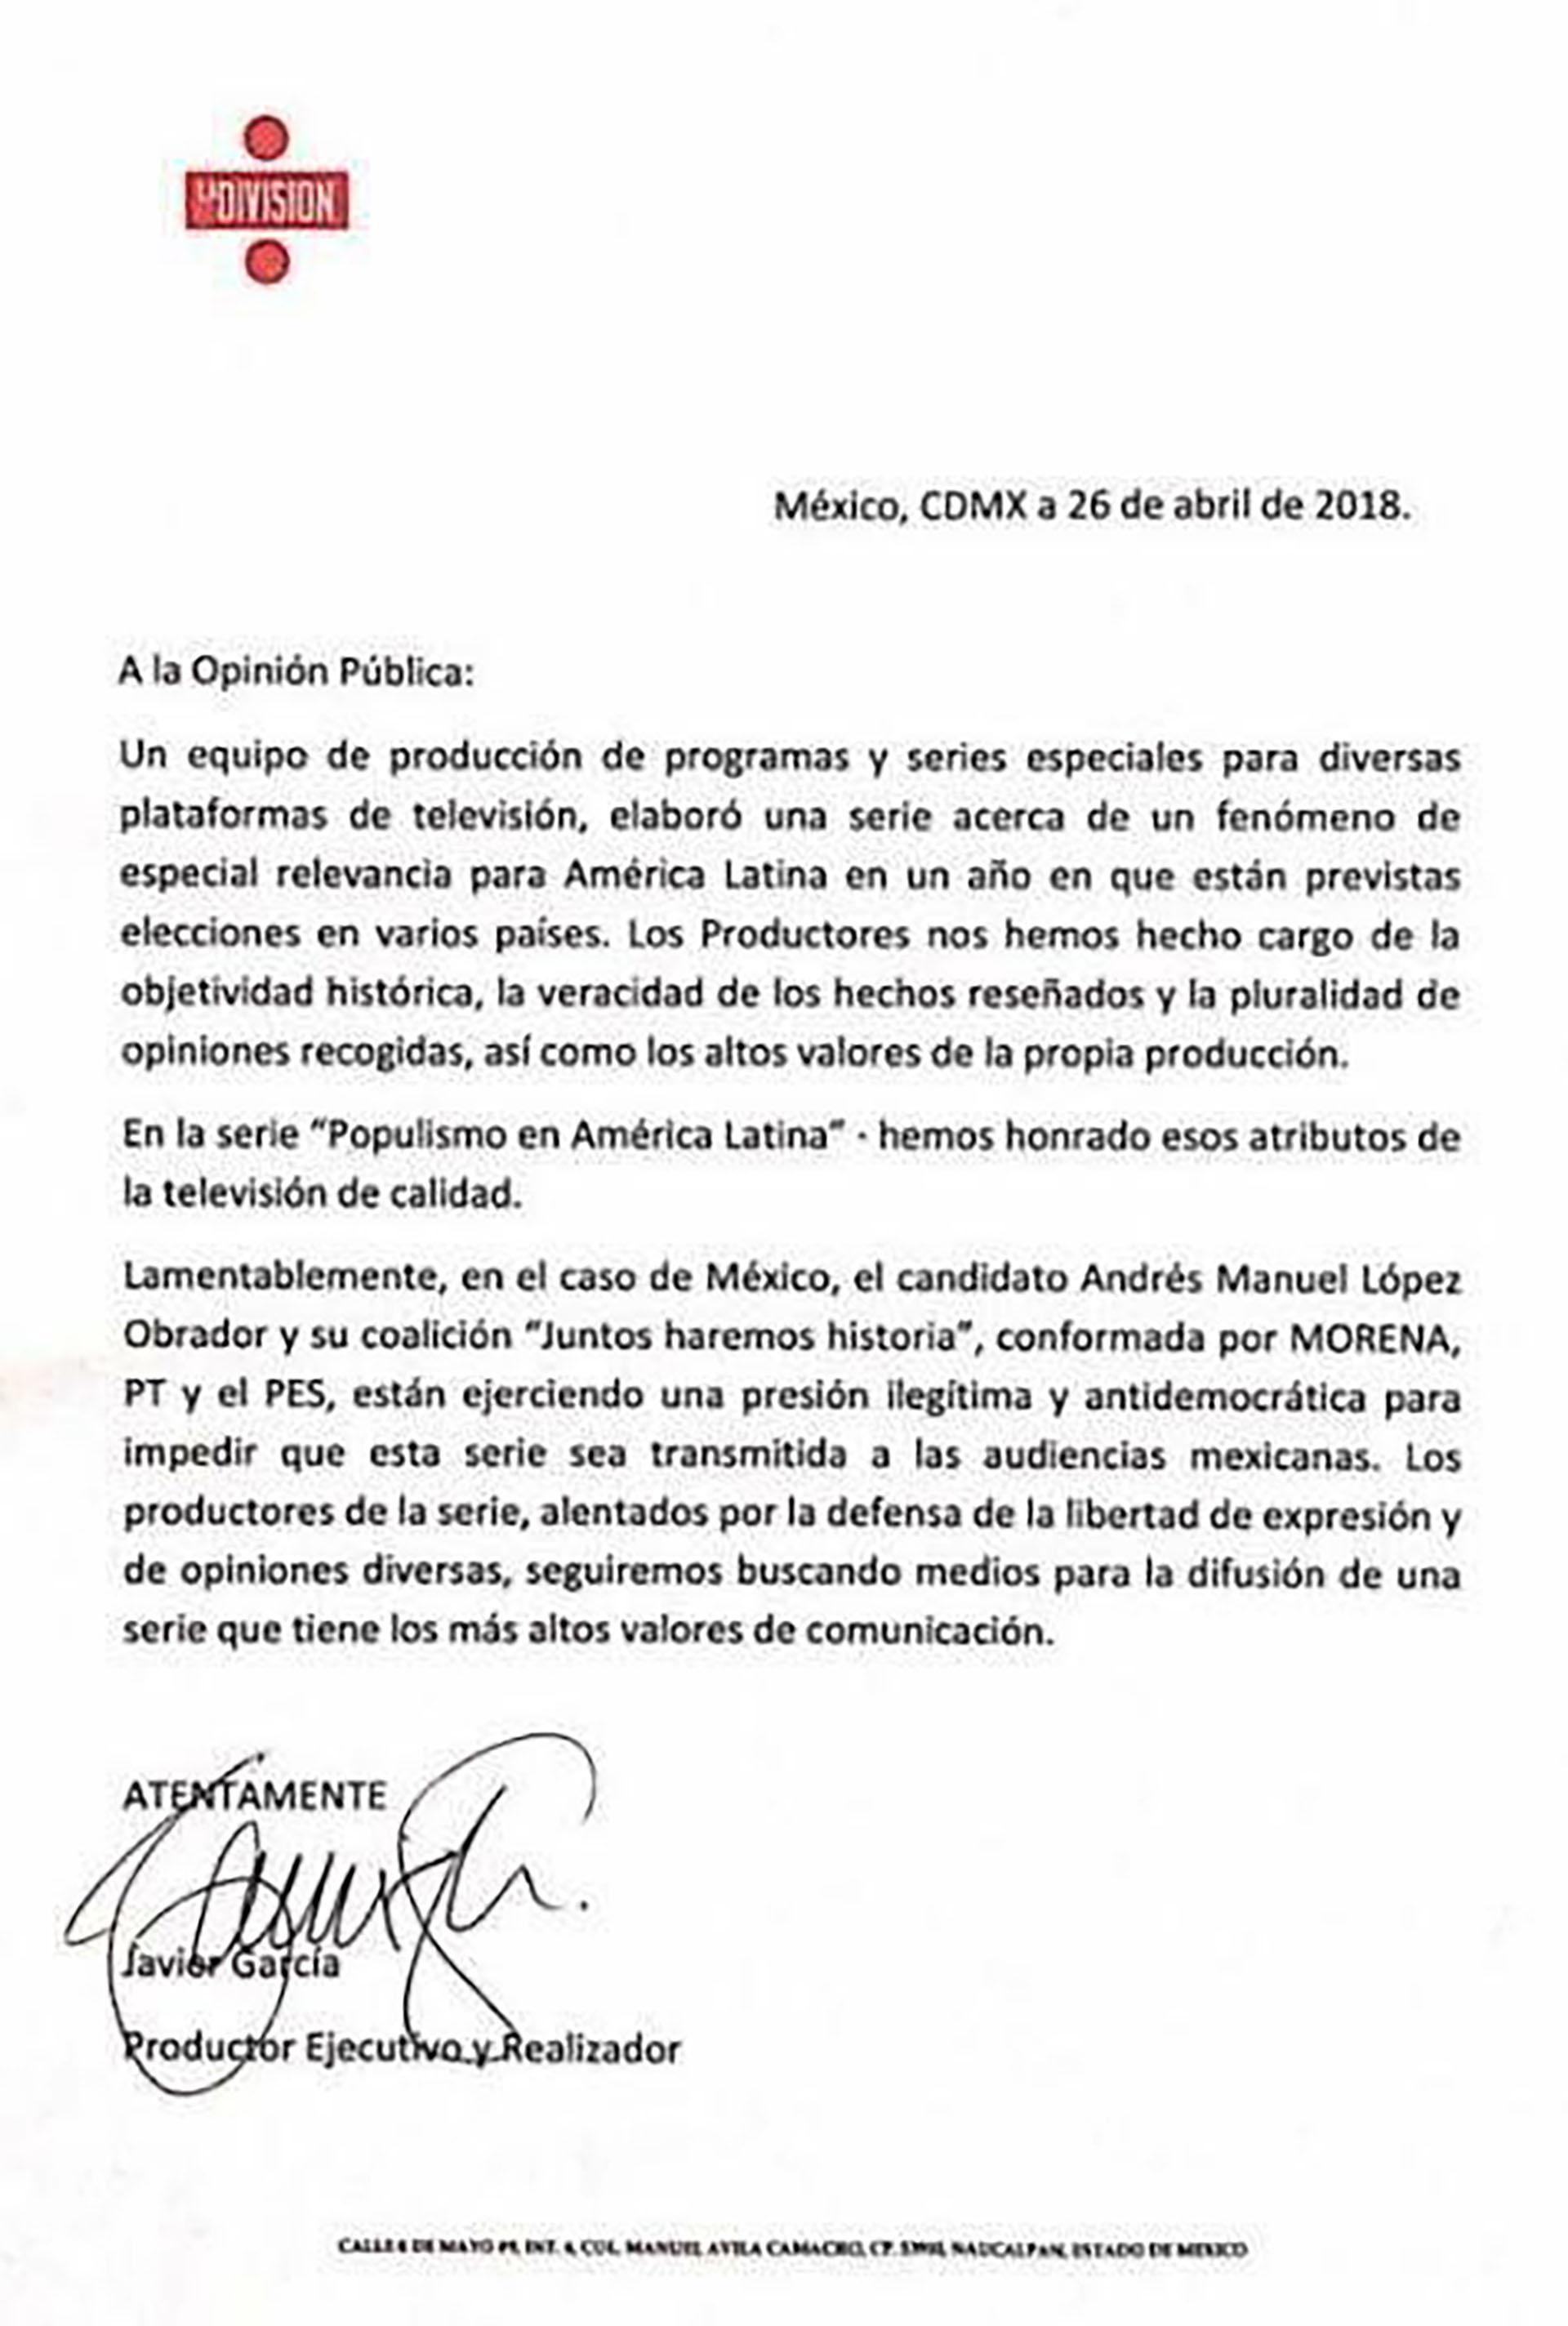 Comunicado de la productora La División en el que acusa presión política del candidato López Obrador.